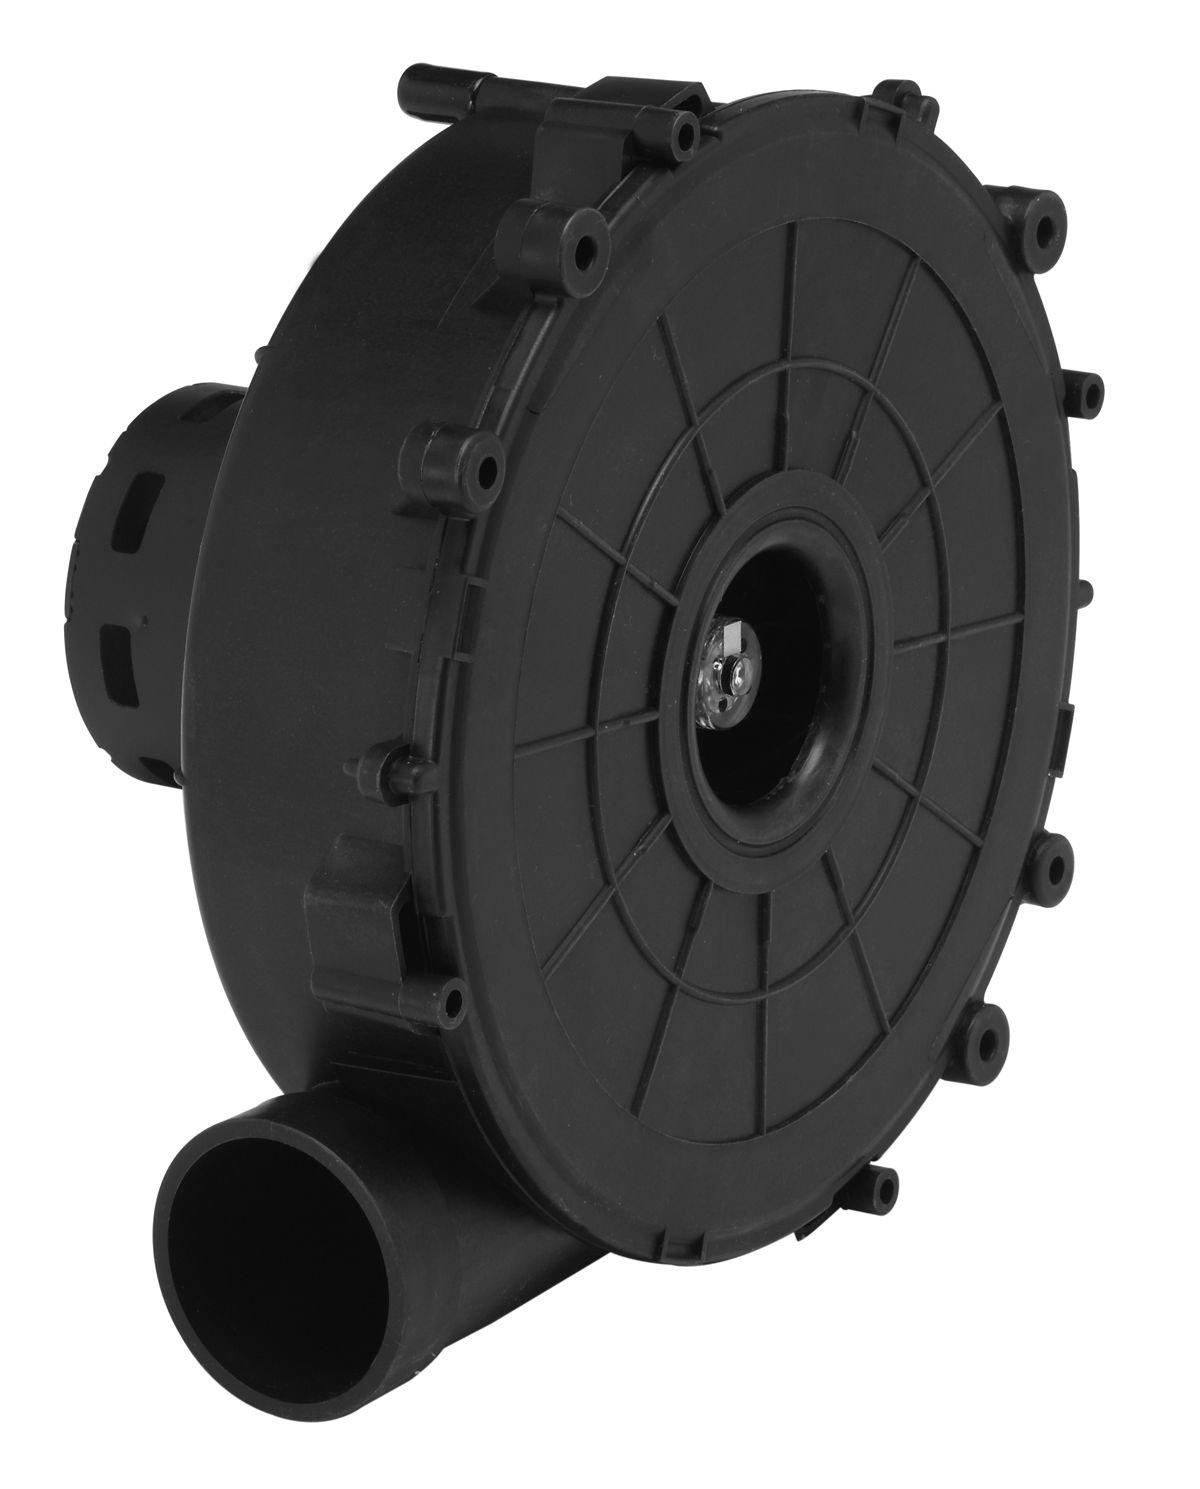 Fasco A123 Specific Purpose Blowers, Nordyne 7021-11385, 622064 by Fasco B009JCWGCA